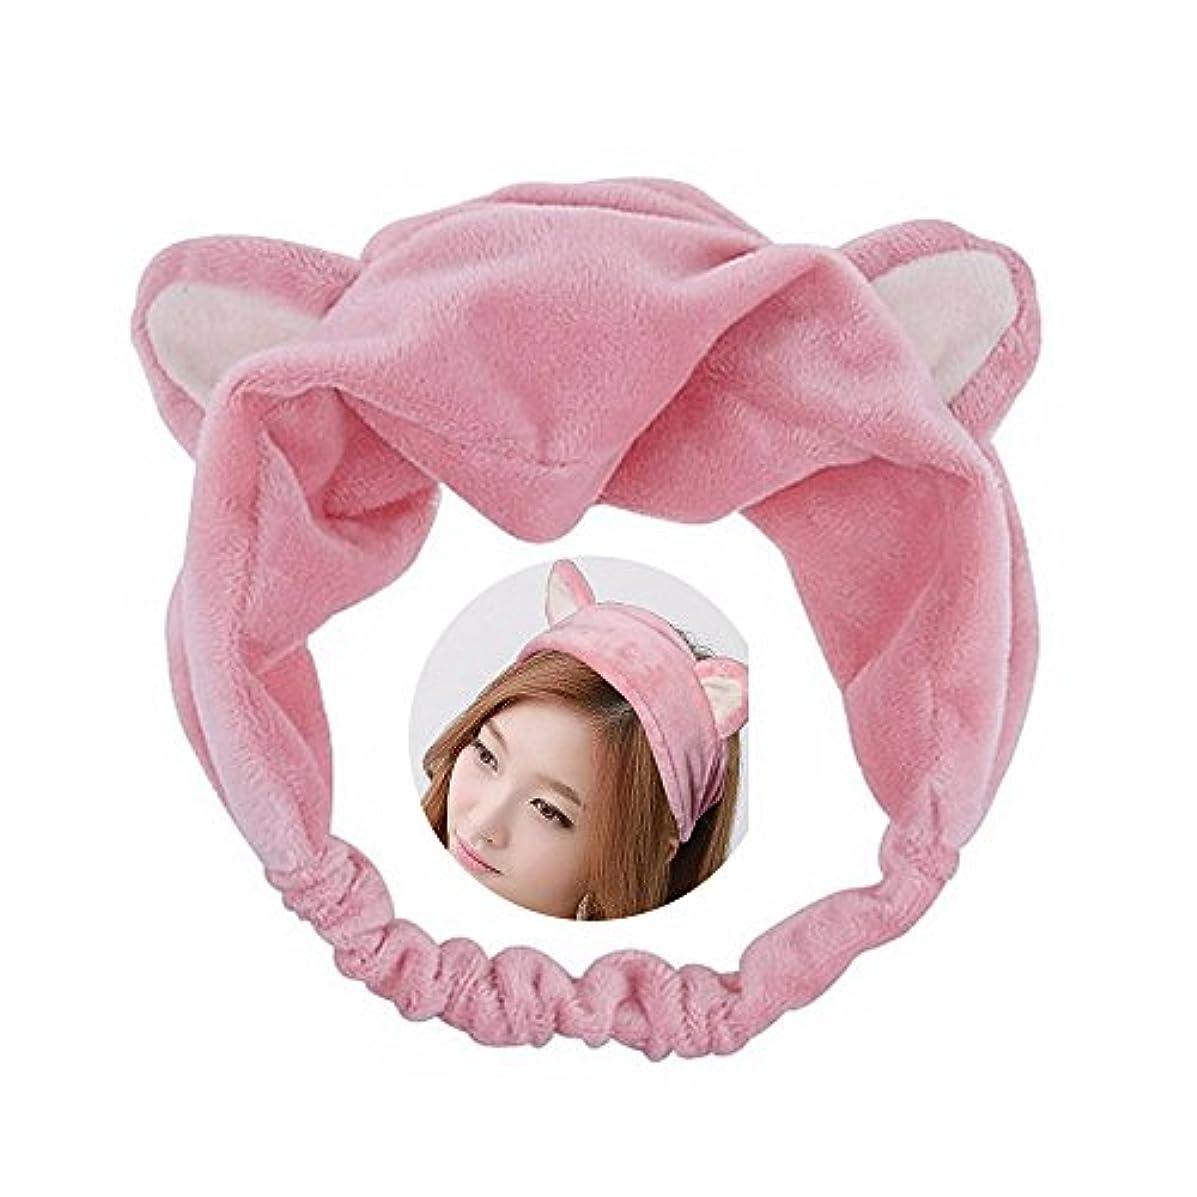 揃える黙認する個人的な可愛い 猫 耳 ヘアバンド メイク アップ フェイス マスク スポーツ カチューシャ 髪型 ピンク